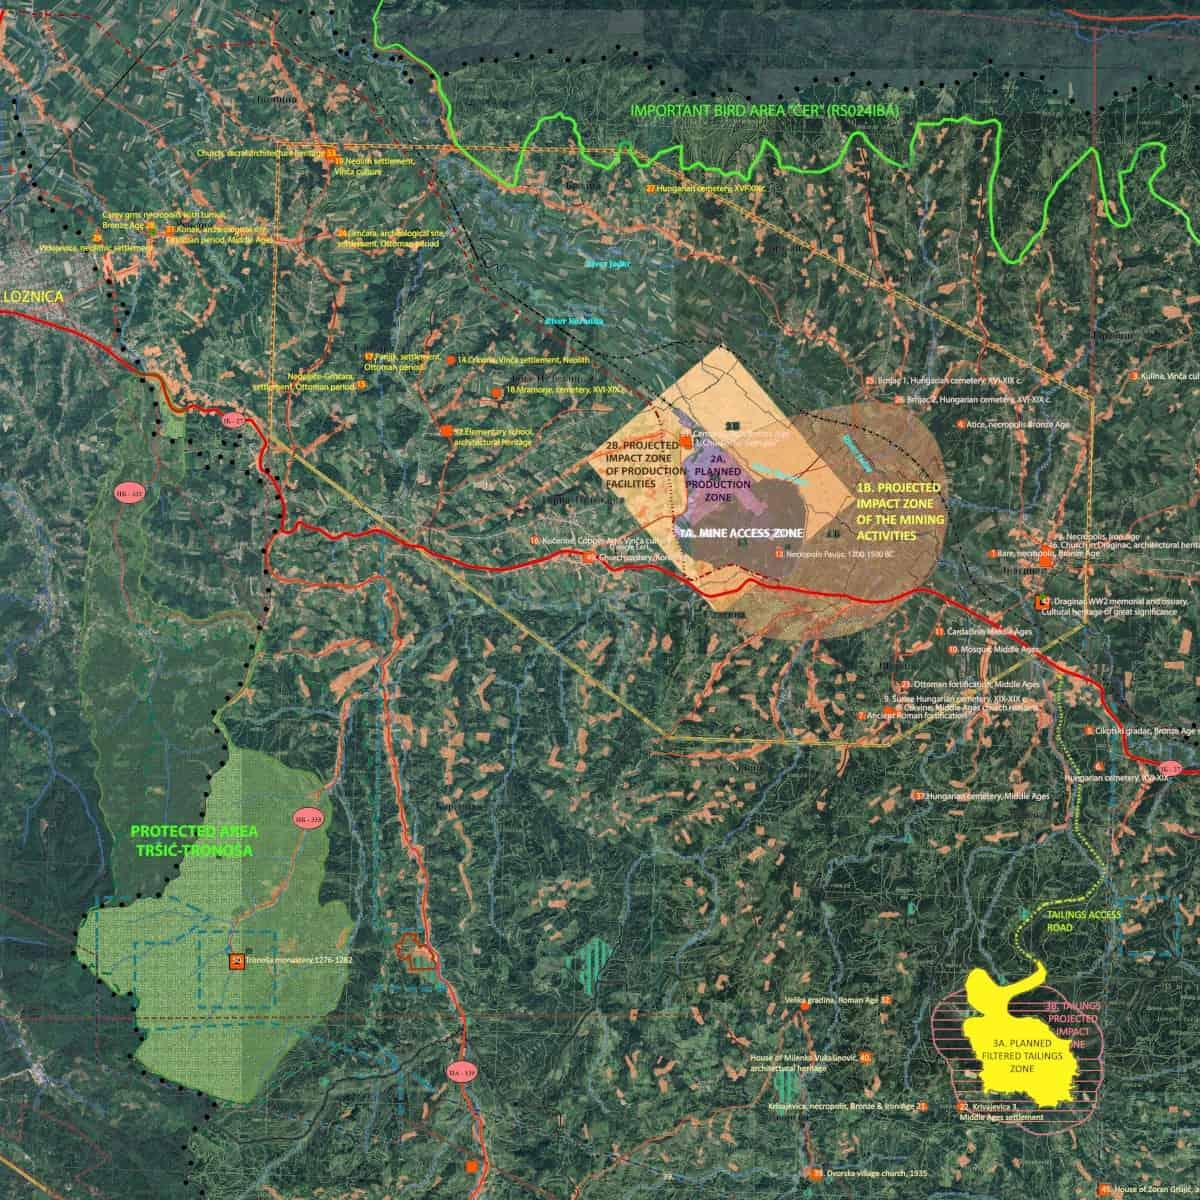 Рио Тинто разматра могућност изградње постројења са већим капацитетима за ископавање и прераду литијума него што је сада планирано